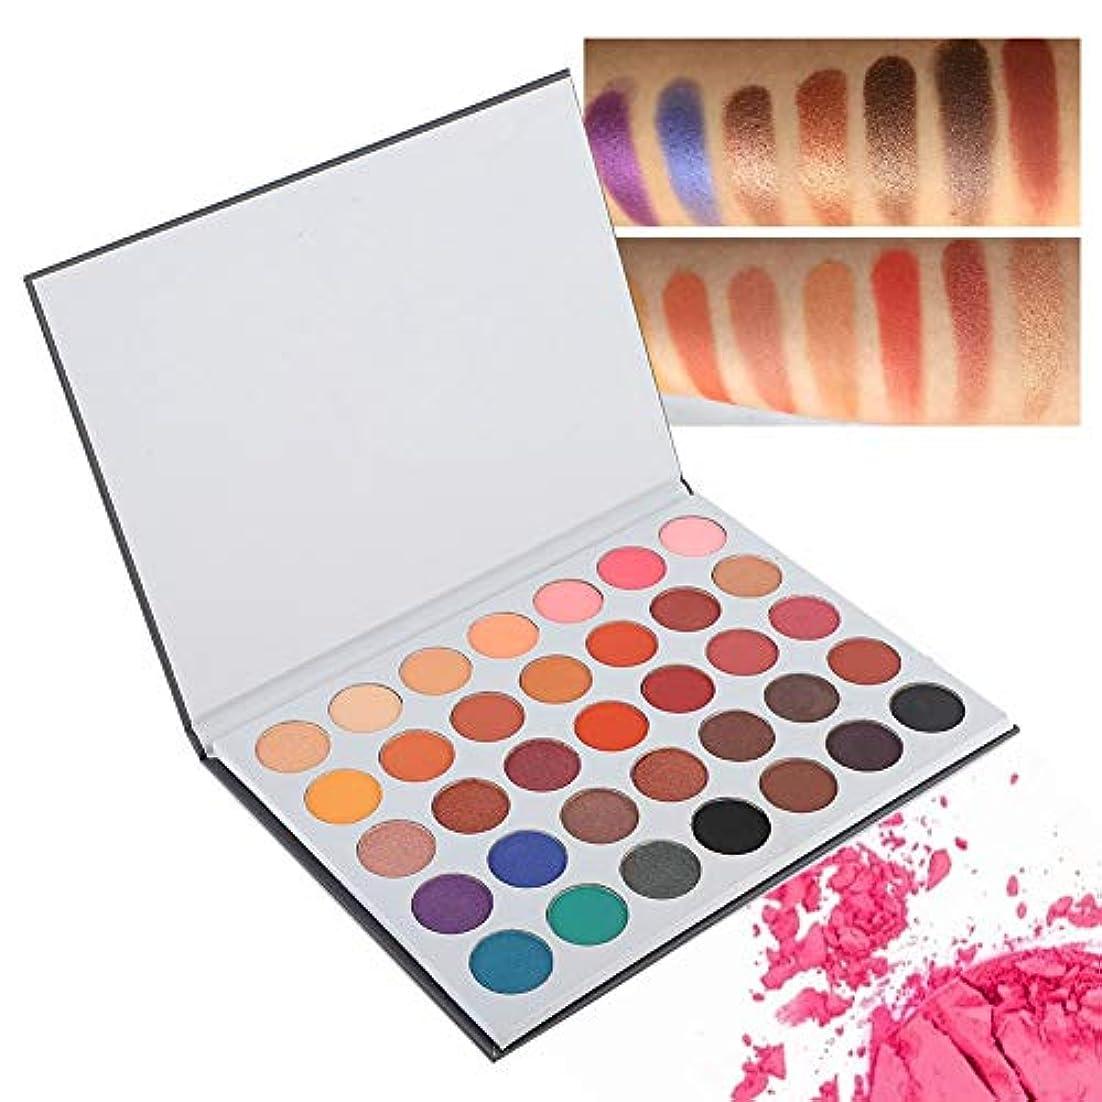 マグベリー競争力のある35色アイシャドウパレット、アイシャドウパレット化粧マットグロスアイシャドウパウダー化粧品ツール(02)